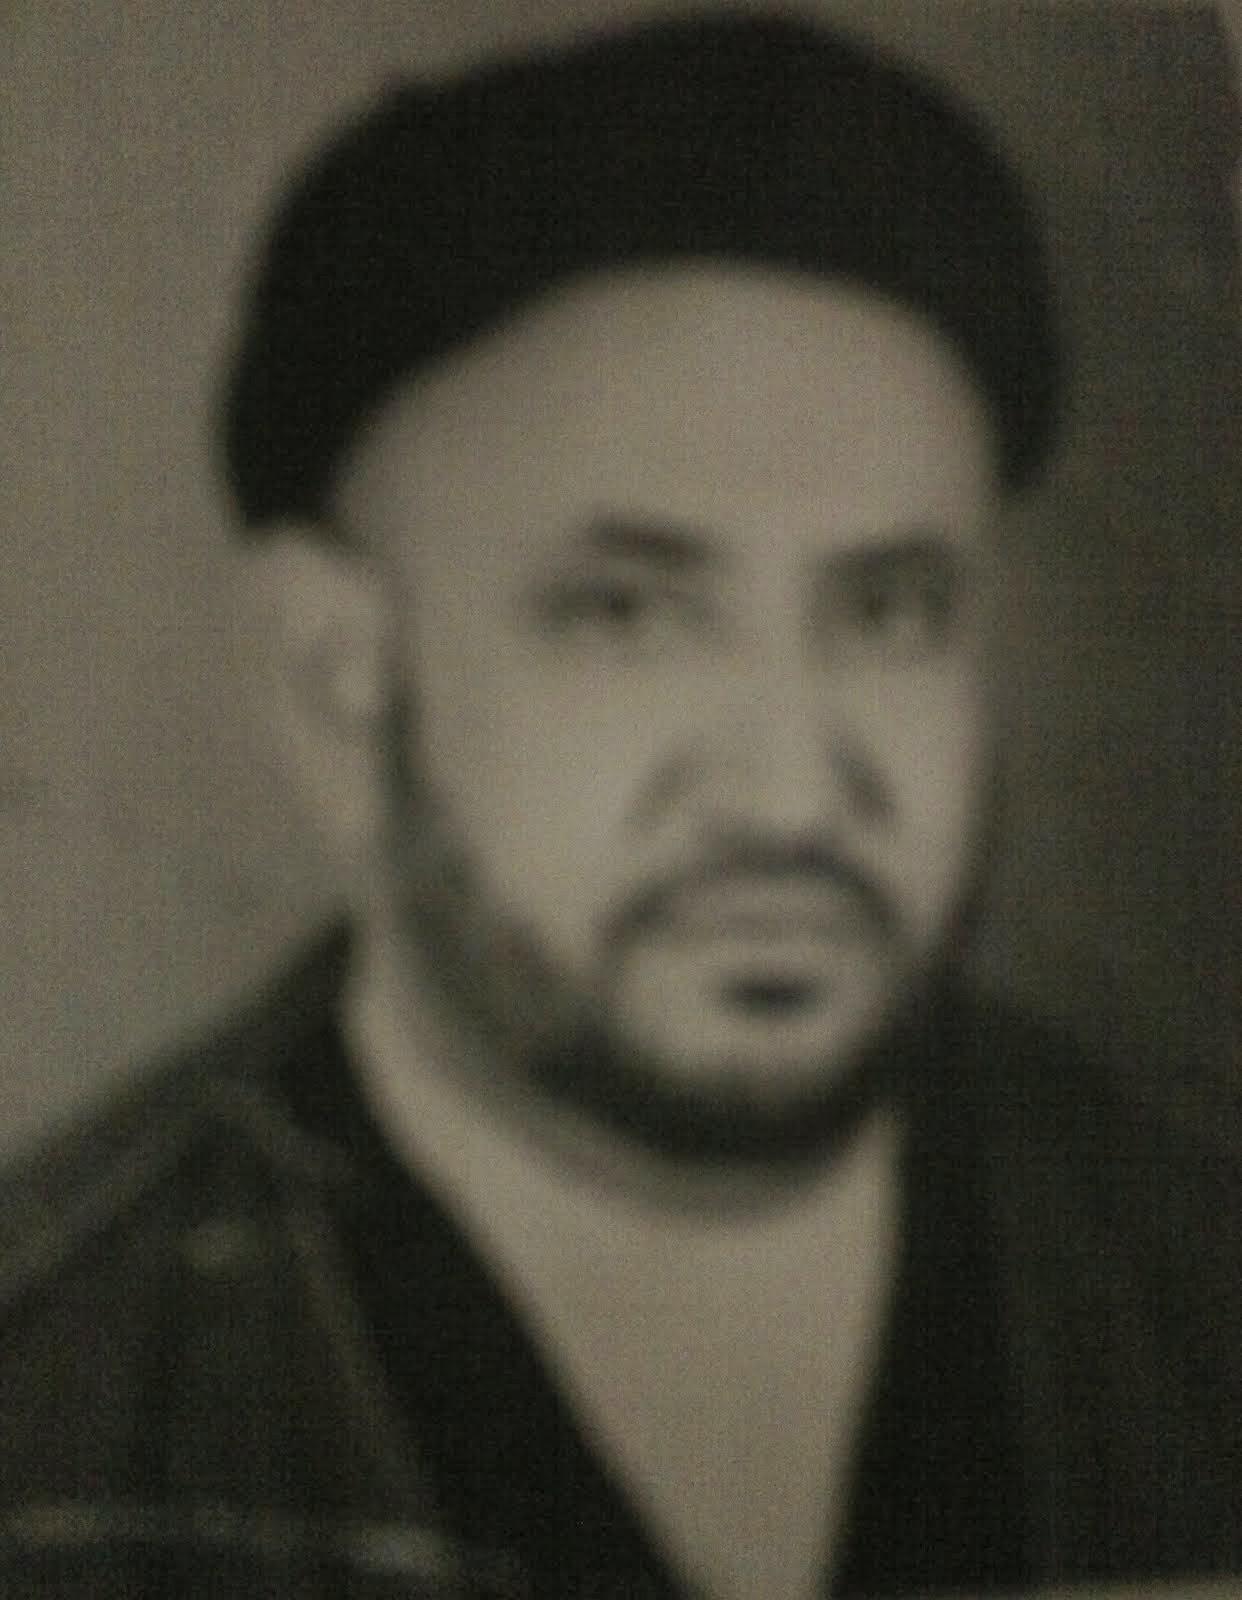 العلامة السيد علي السيد حسين العلامة الياسري